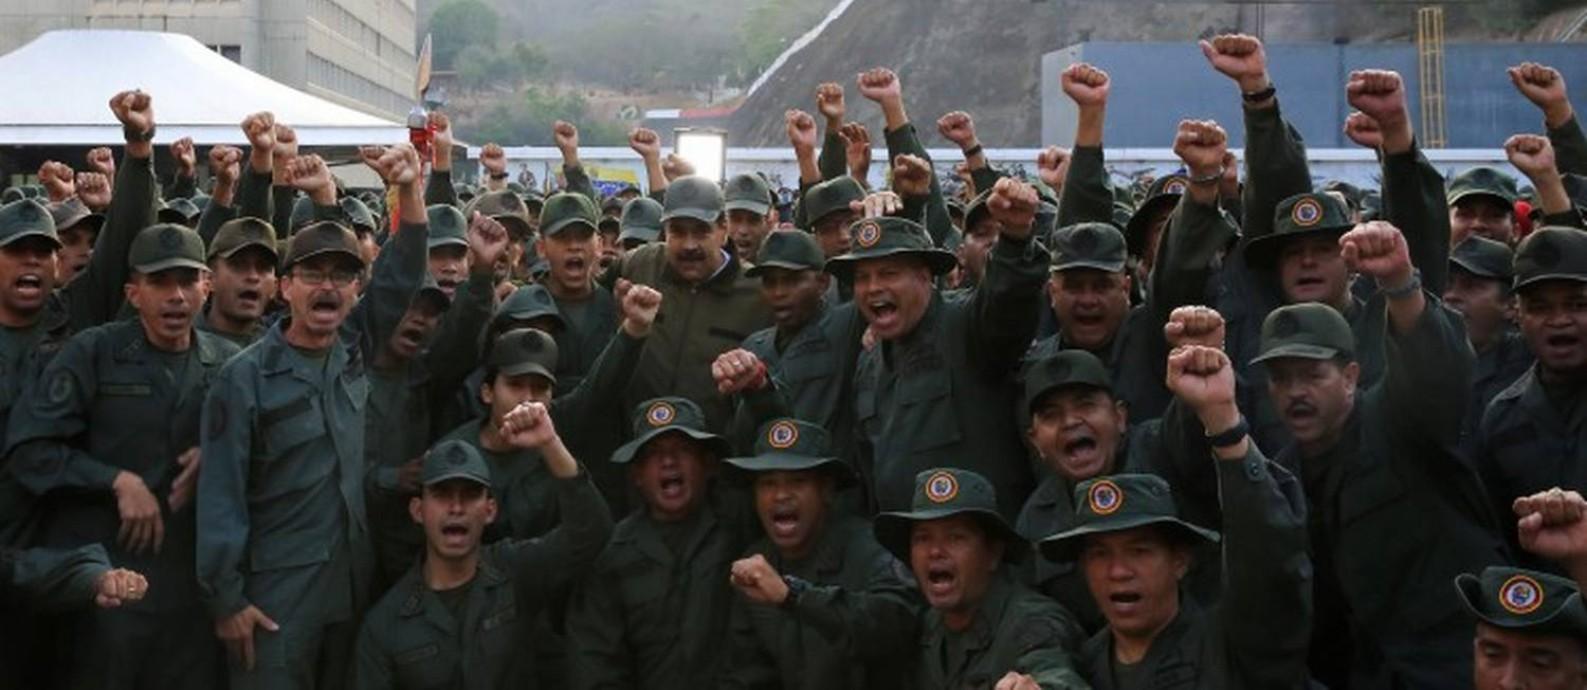 O presidente da Venezuela, Nicolás Maduro, posa com militares no Forte Tiuna, em Caracas Foto: HANDOUT / REUTERS